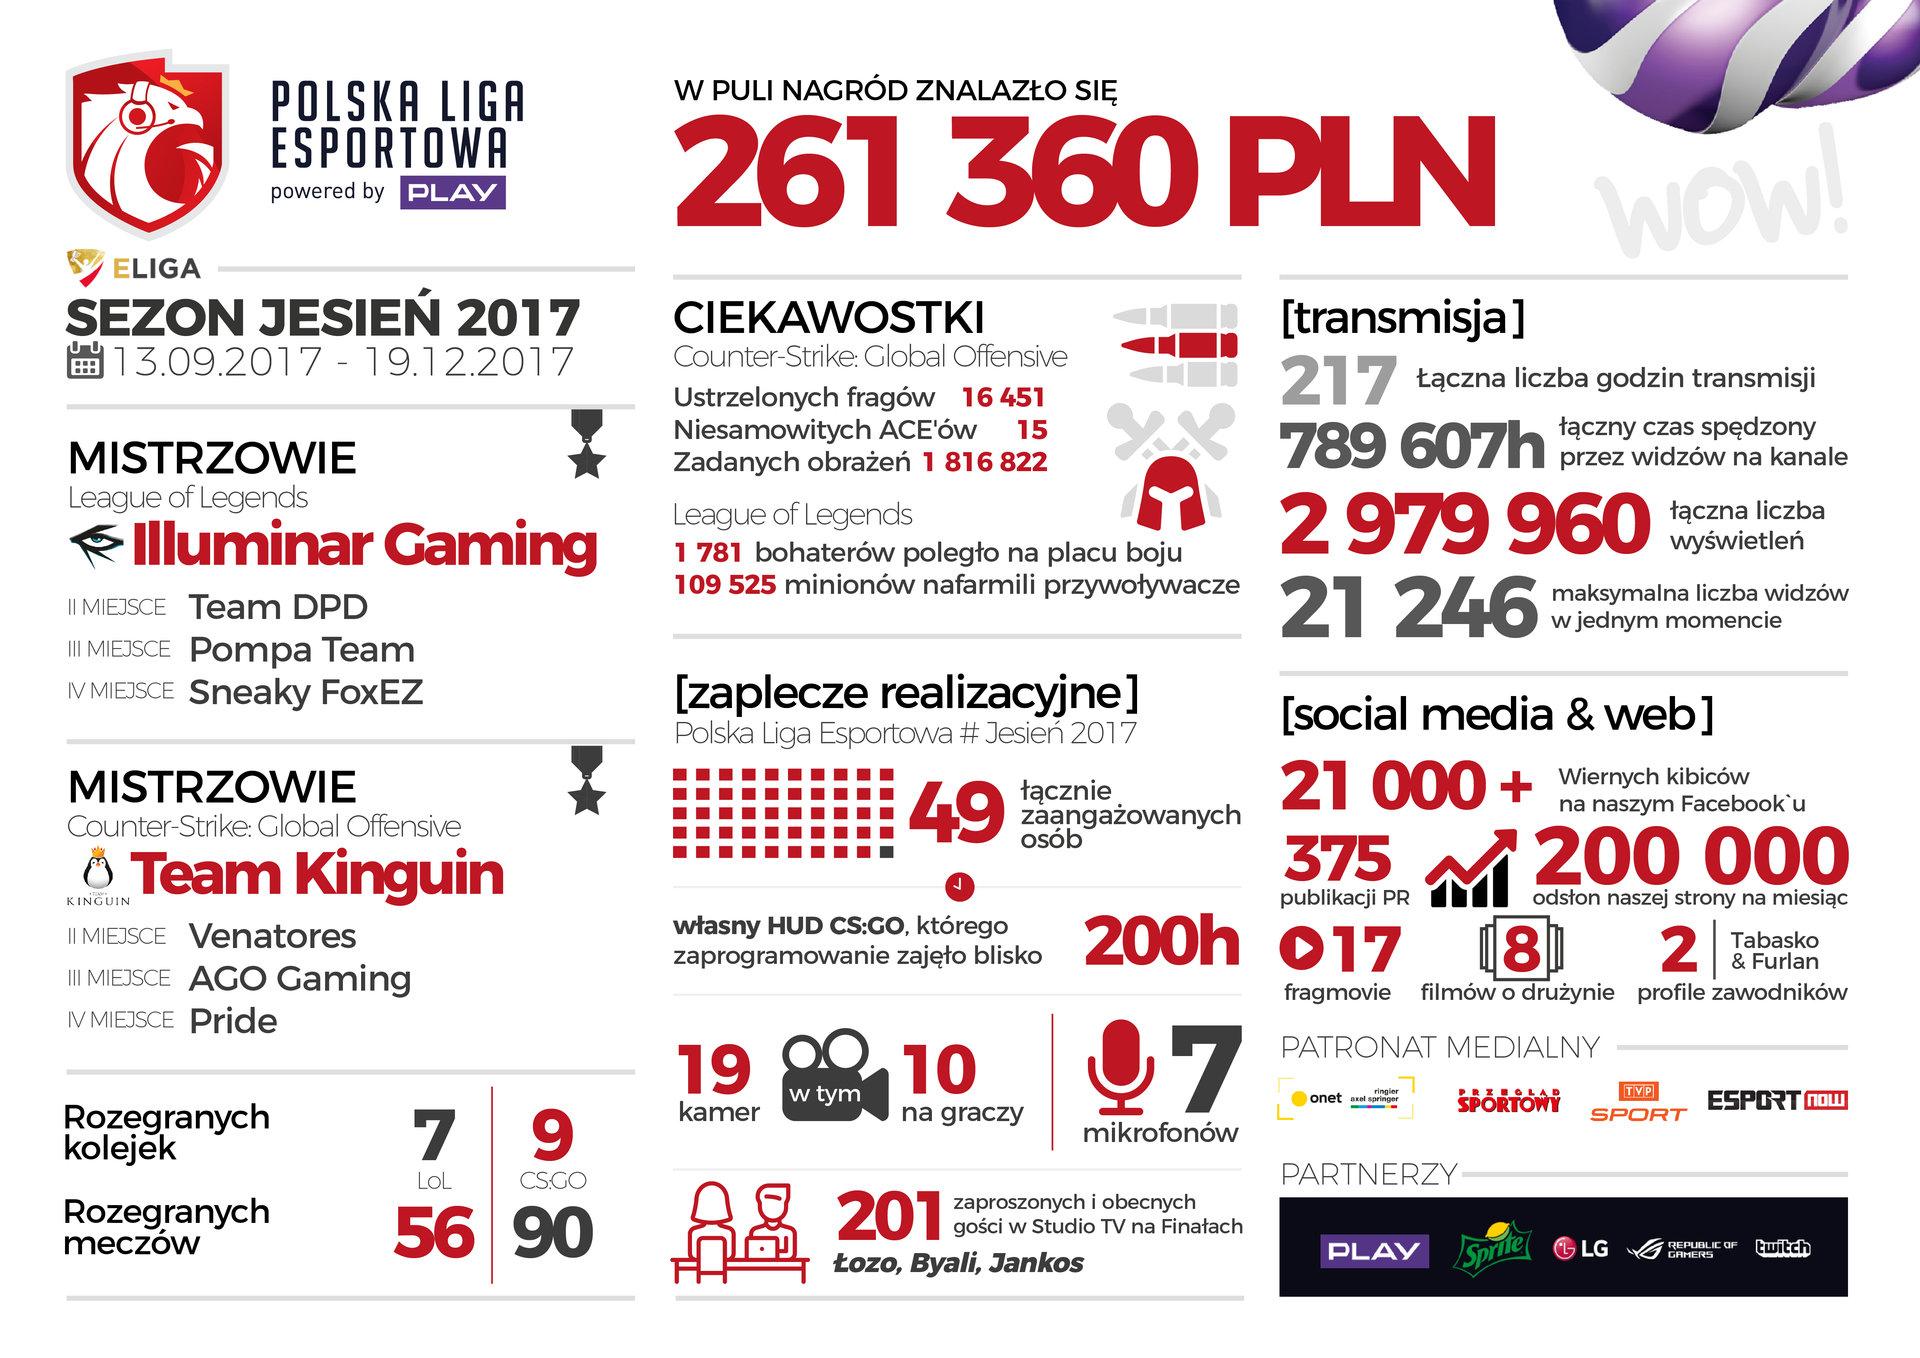 Podsumowanie drugiego sezonu Polskiej Ligi Esportowej. Pula nagród w sezonie jesiennym wyniosła 261 360 PLN